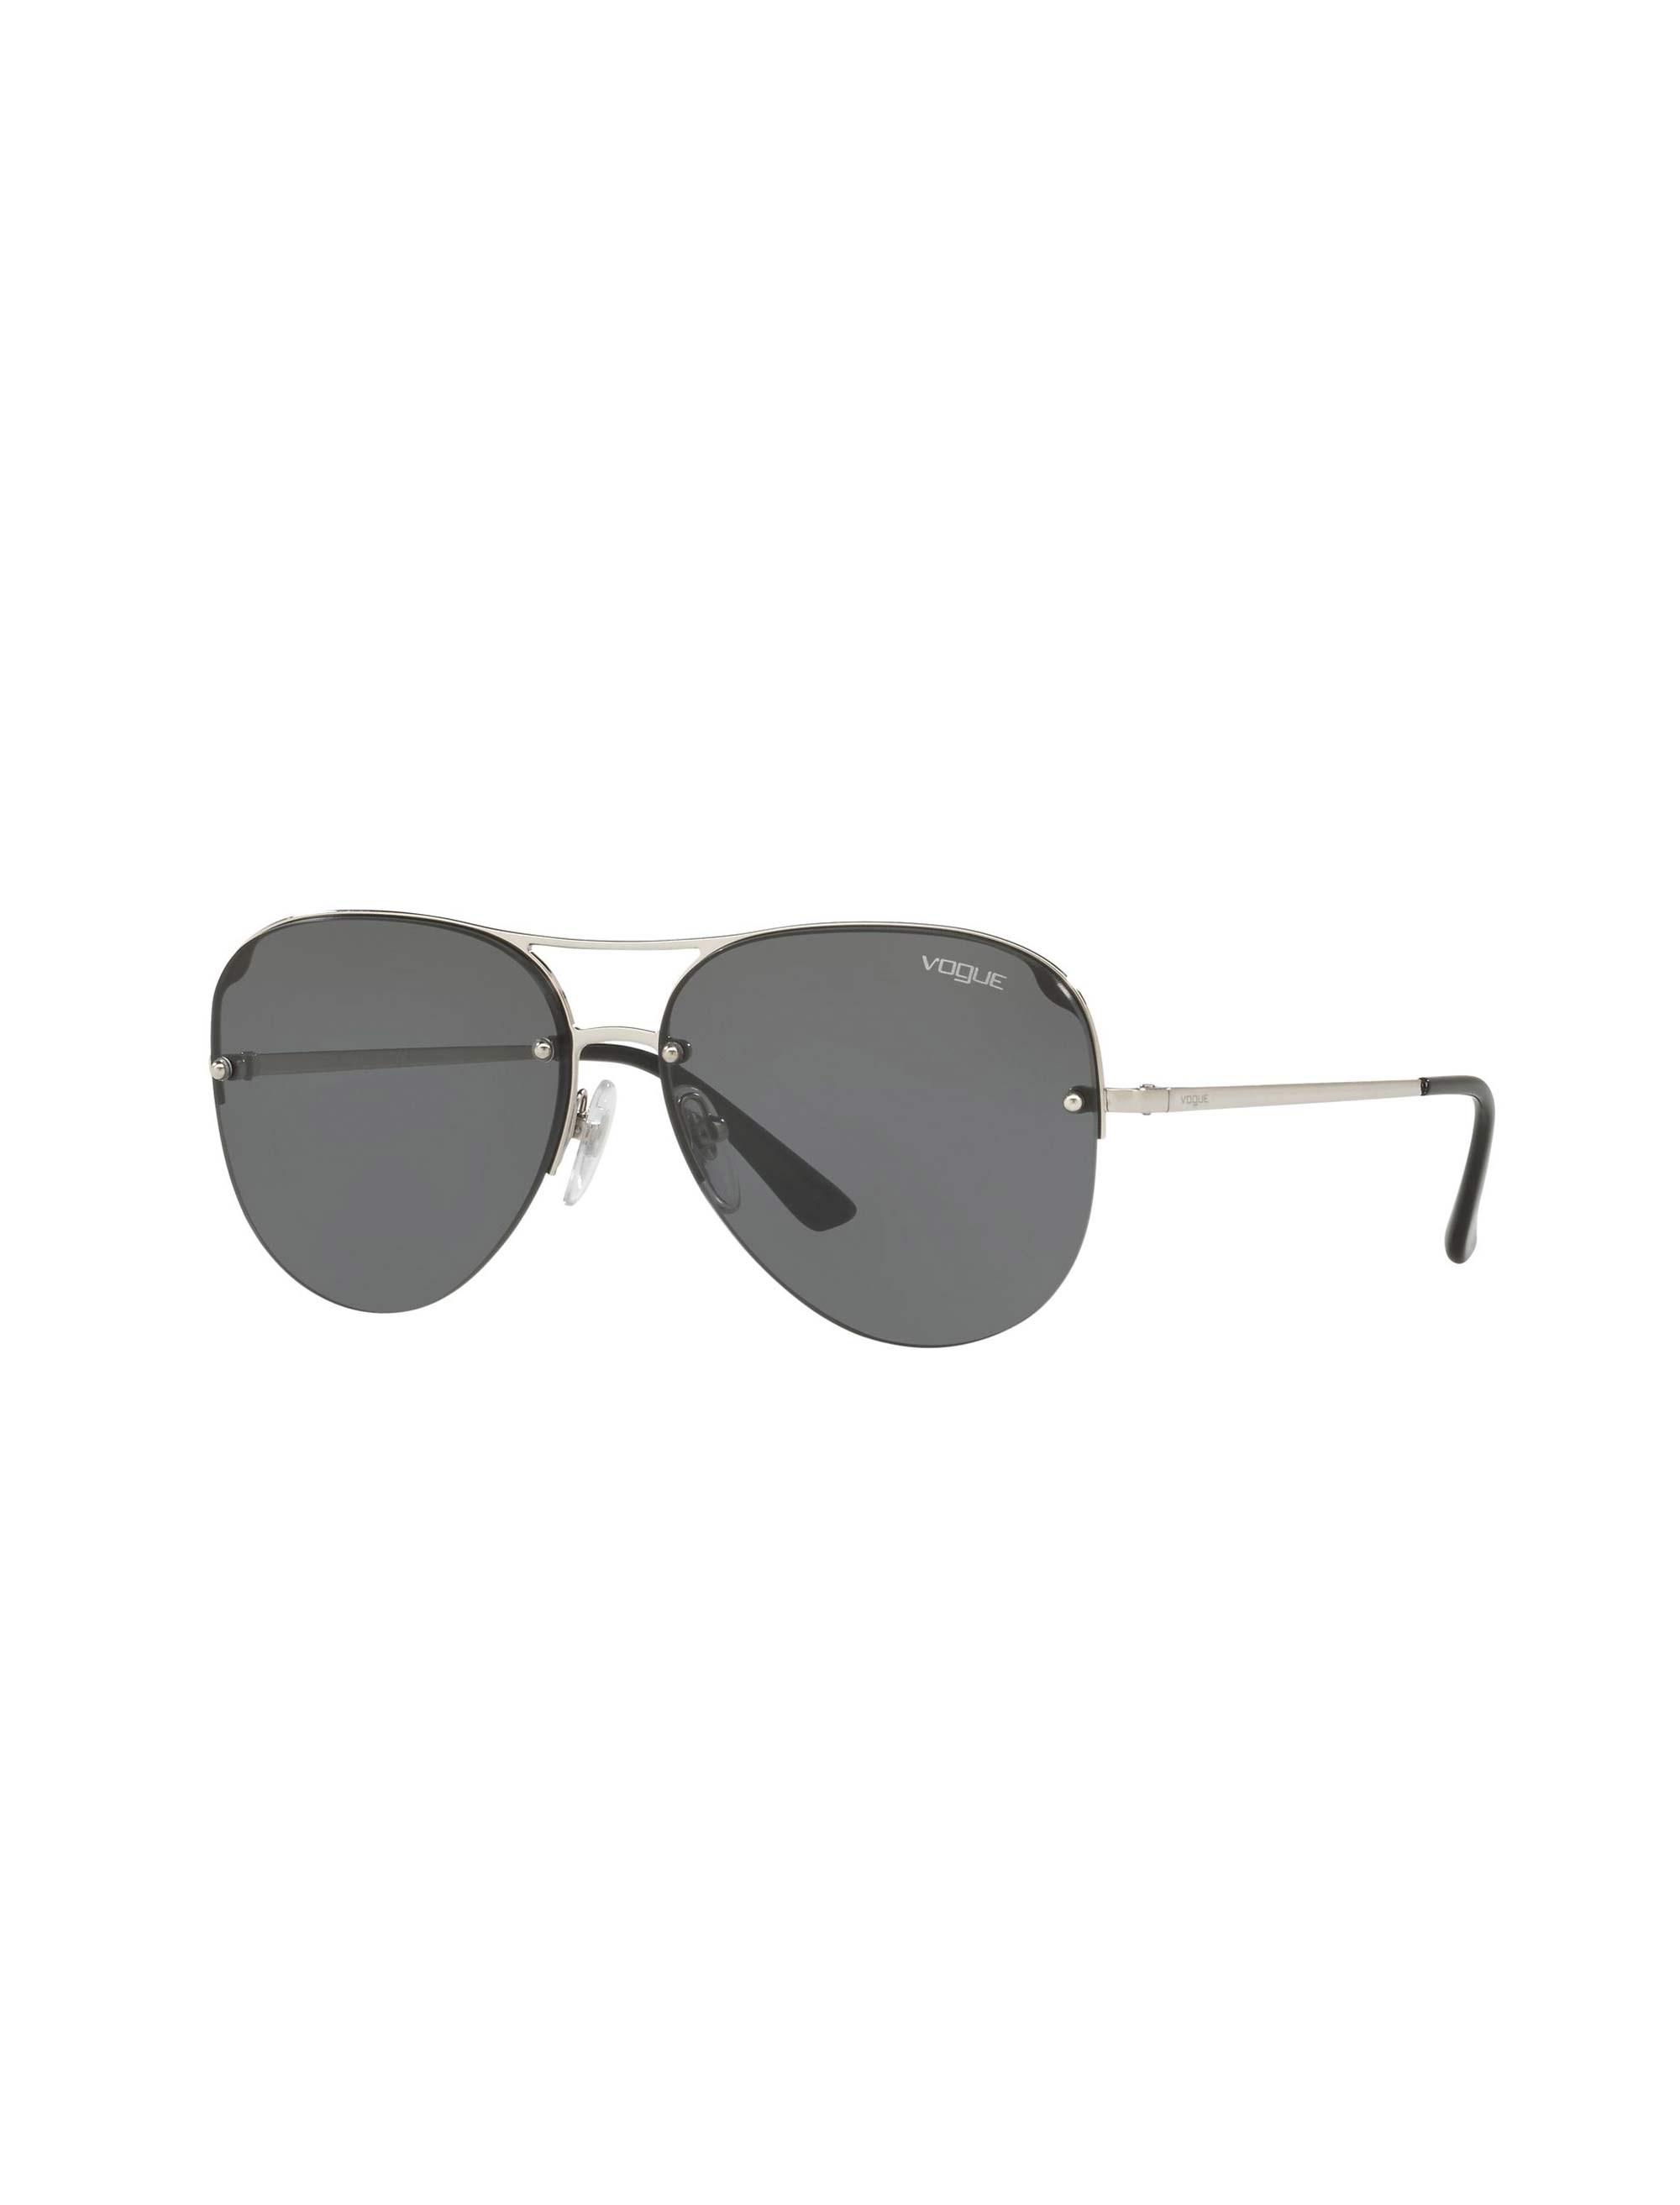 قیمت عینک آفتابی خلبانی زنانه - ووگ